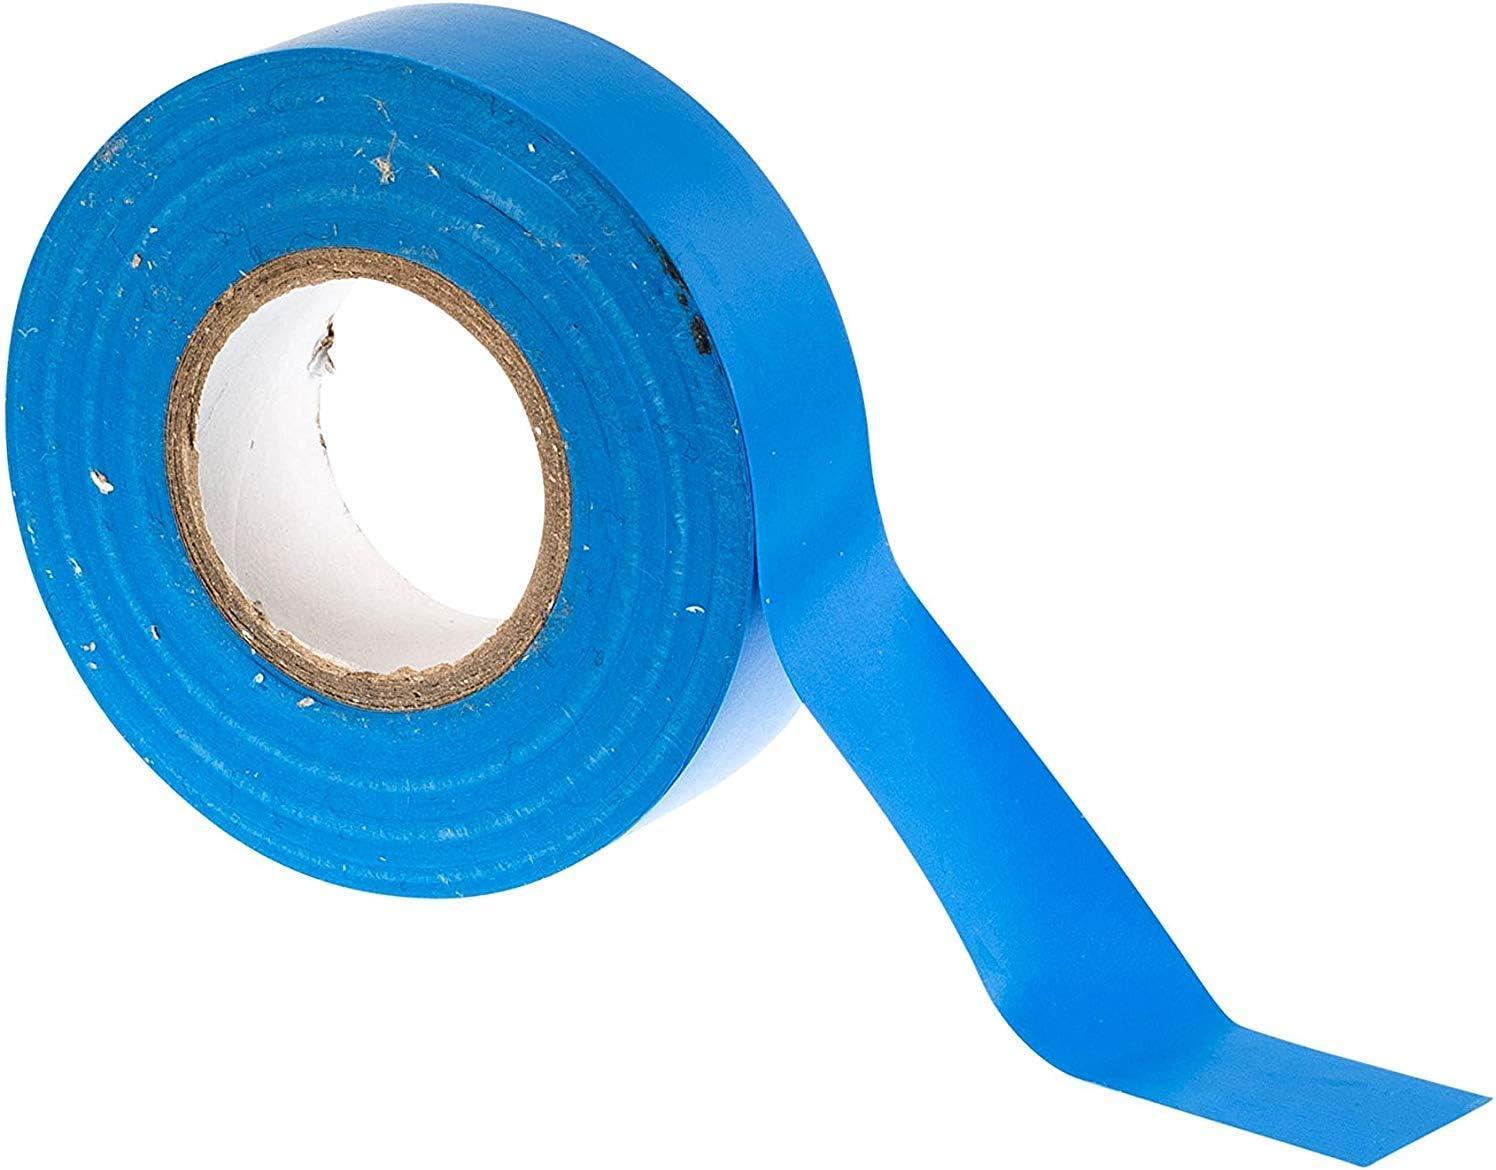 GTSE 10 rotoli di nastro isolante elettrico in PVC blu confezione da 10 rotoli 20 m x 19 mm